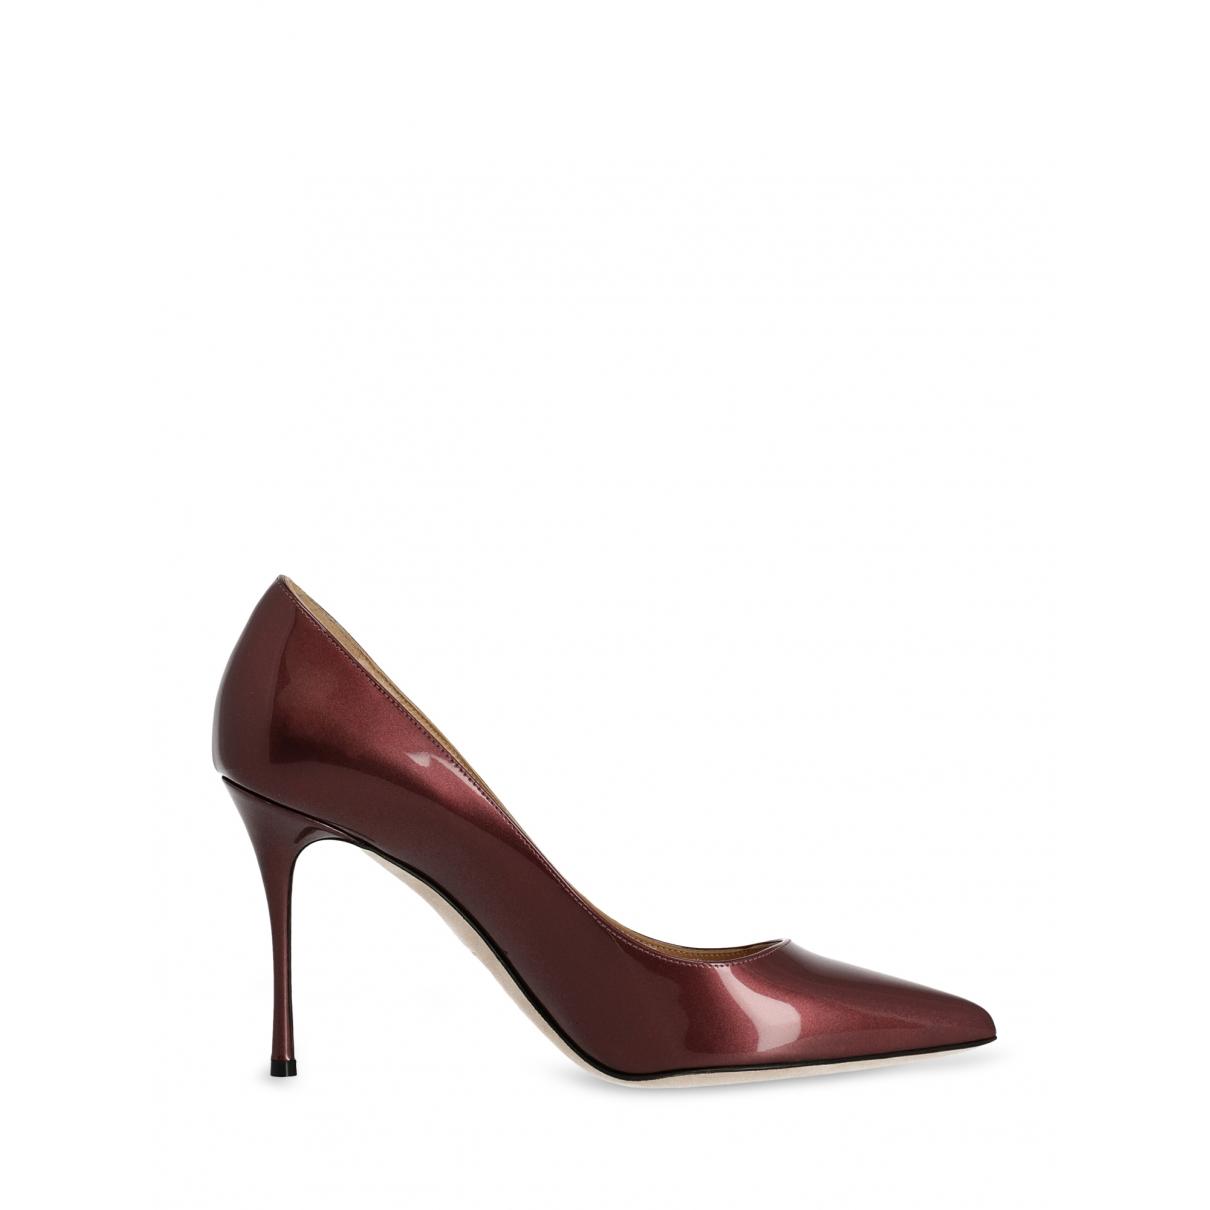 Sergio Rossi - Escarpins   pour femme en cuir verni - bordeaux